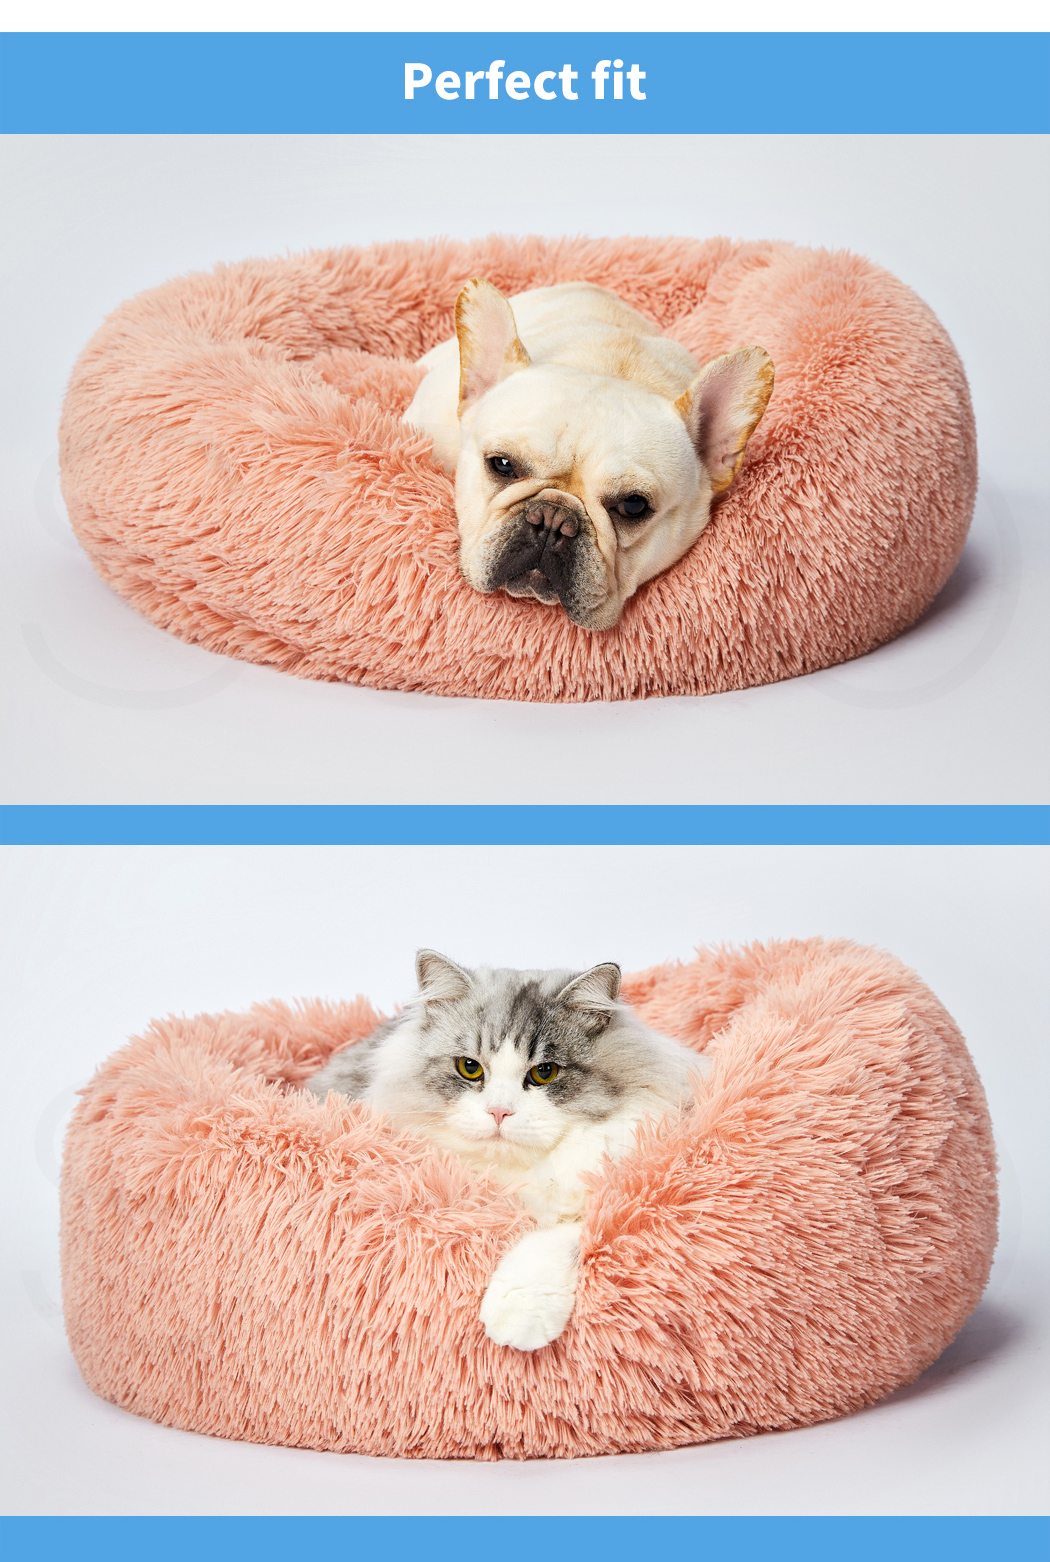 thumbnail 140 - PaWz Pet Bed Cat Dog Donut Nest Calming Mat Soft Plush Kennel Cave Deep Sleeping